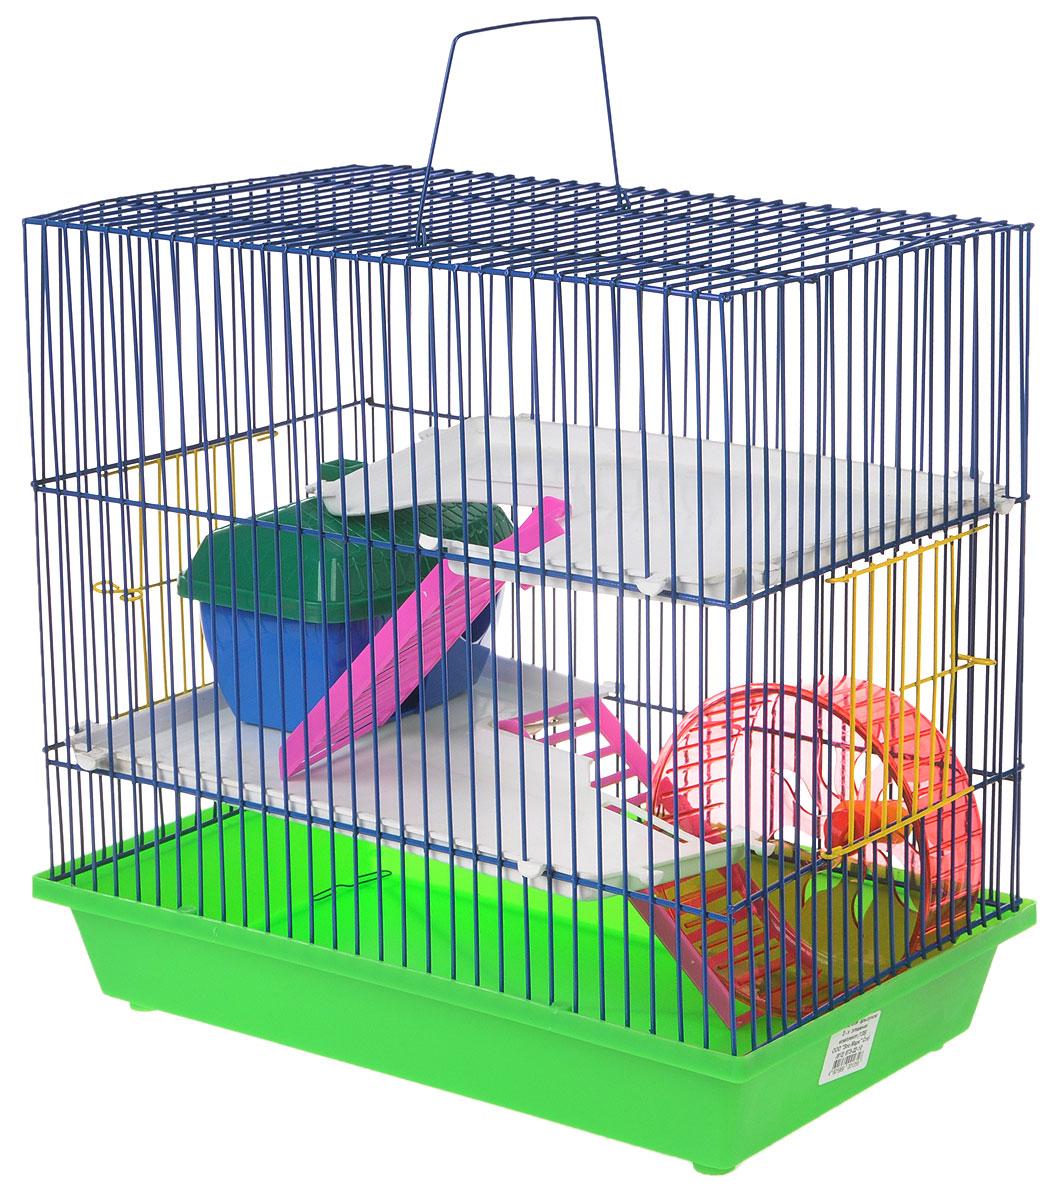 Клетка для грызунов ЗооМарк, 3-этажная, цвет: салатовый поддон, синяя решетка, белые этажи, зеленая крыша, 36 х 22,5 х 34 см. 135135_салатовый, синий, белыйКлетка ЗооМарк, выполненная из полипропилена и металла, подходит для мелких грызунов. Изделие трехэтажное, оборудовано колесом для подвижных игр и пластиковым домиком. Клетка имеет яркий поддон, удобна в использовании и легко чистится. Сверху имеется ручка для переноски, а сбоку удобная дверца. Такая клетка станет уединенным личным пространством и уютным домиком для маленького грызуна.